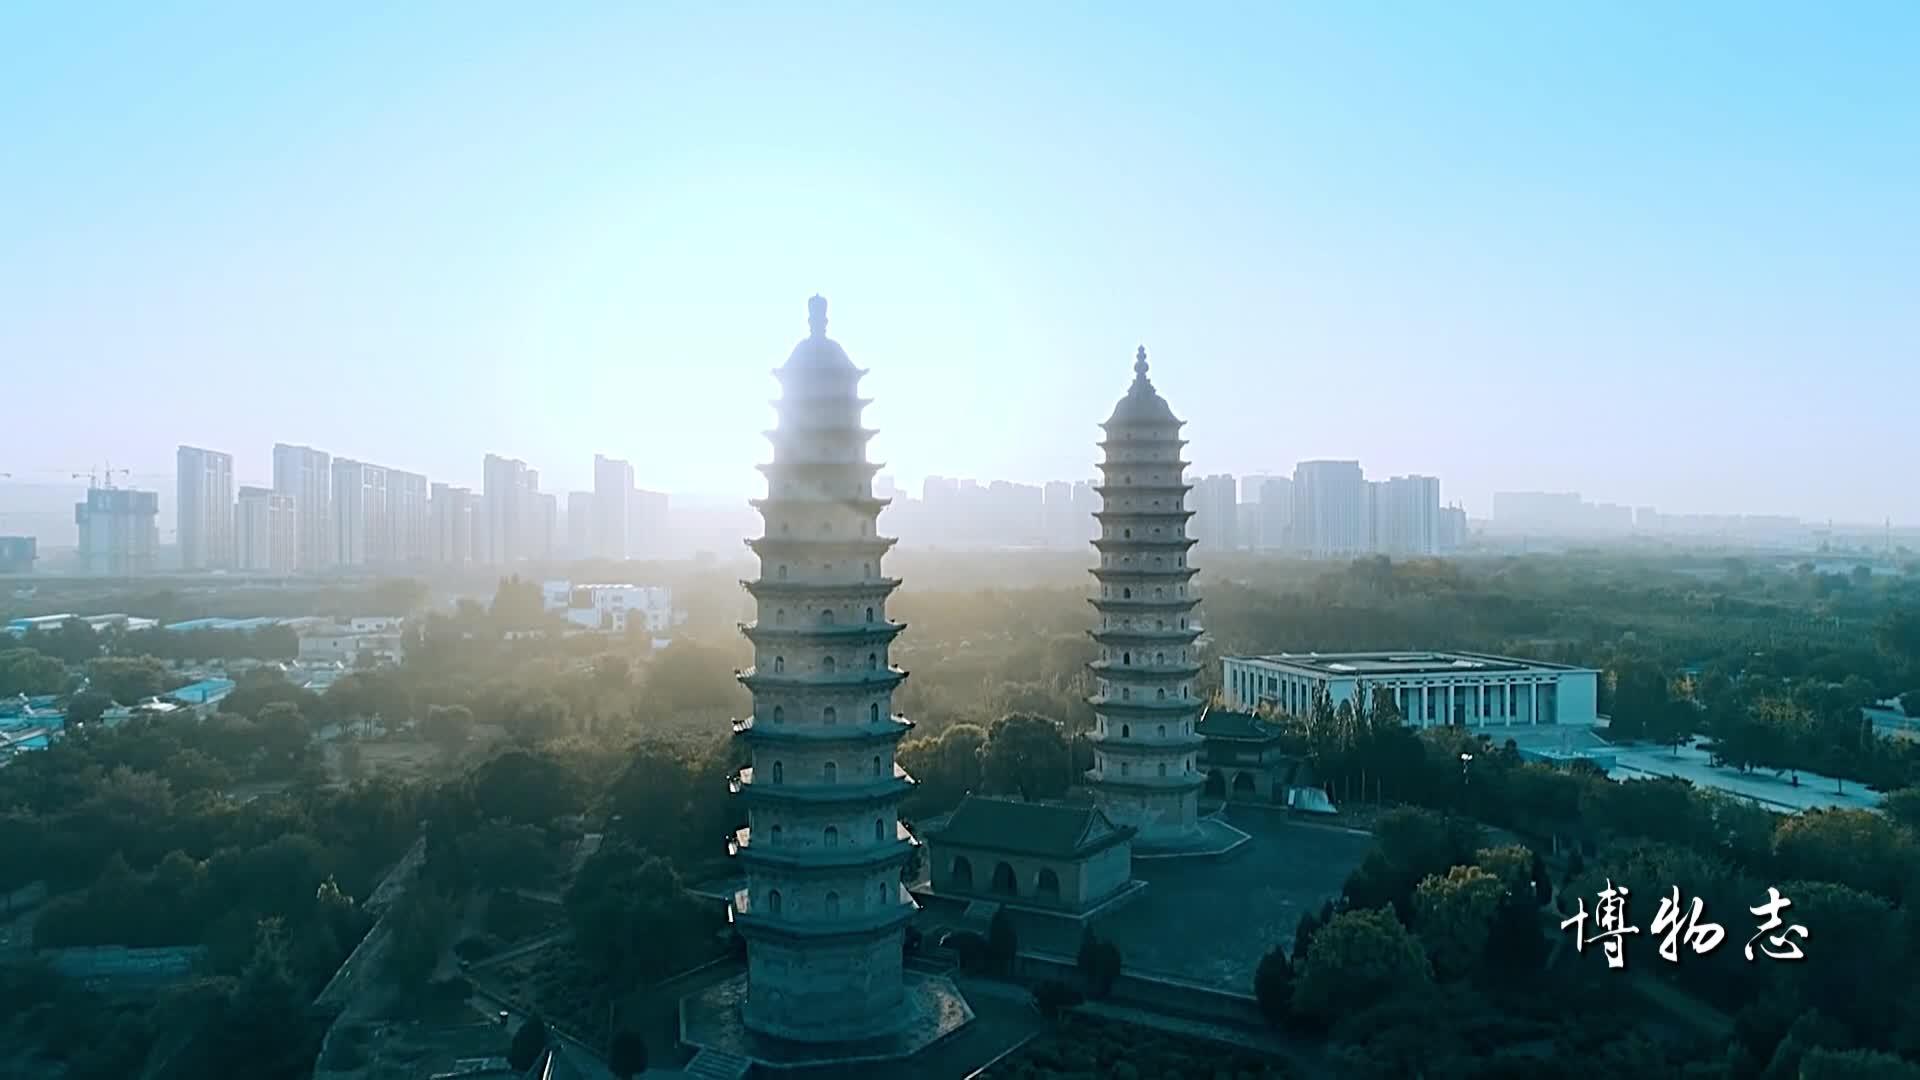 博物志丨这里有中国最多的国宝,每个人都该看看